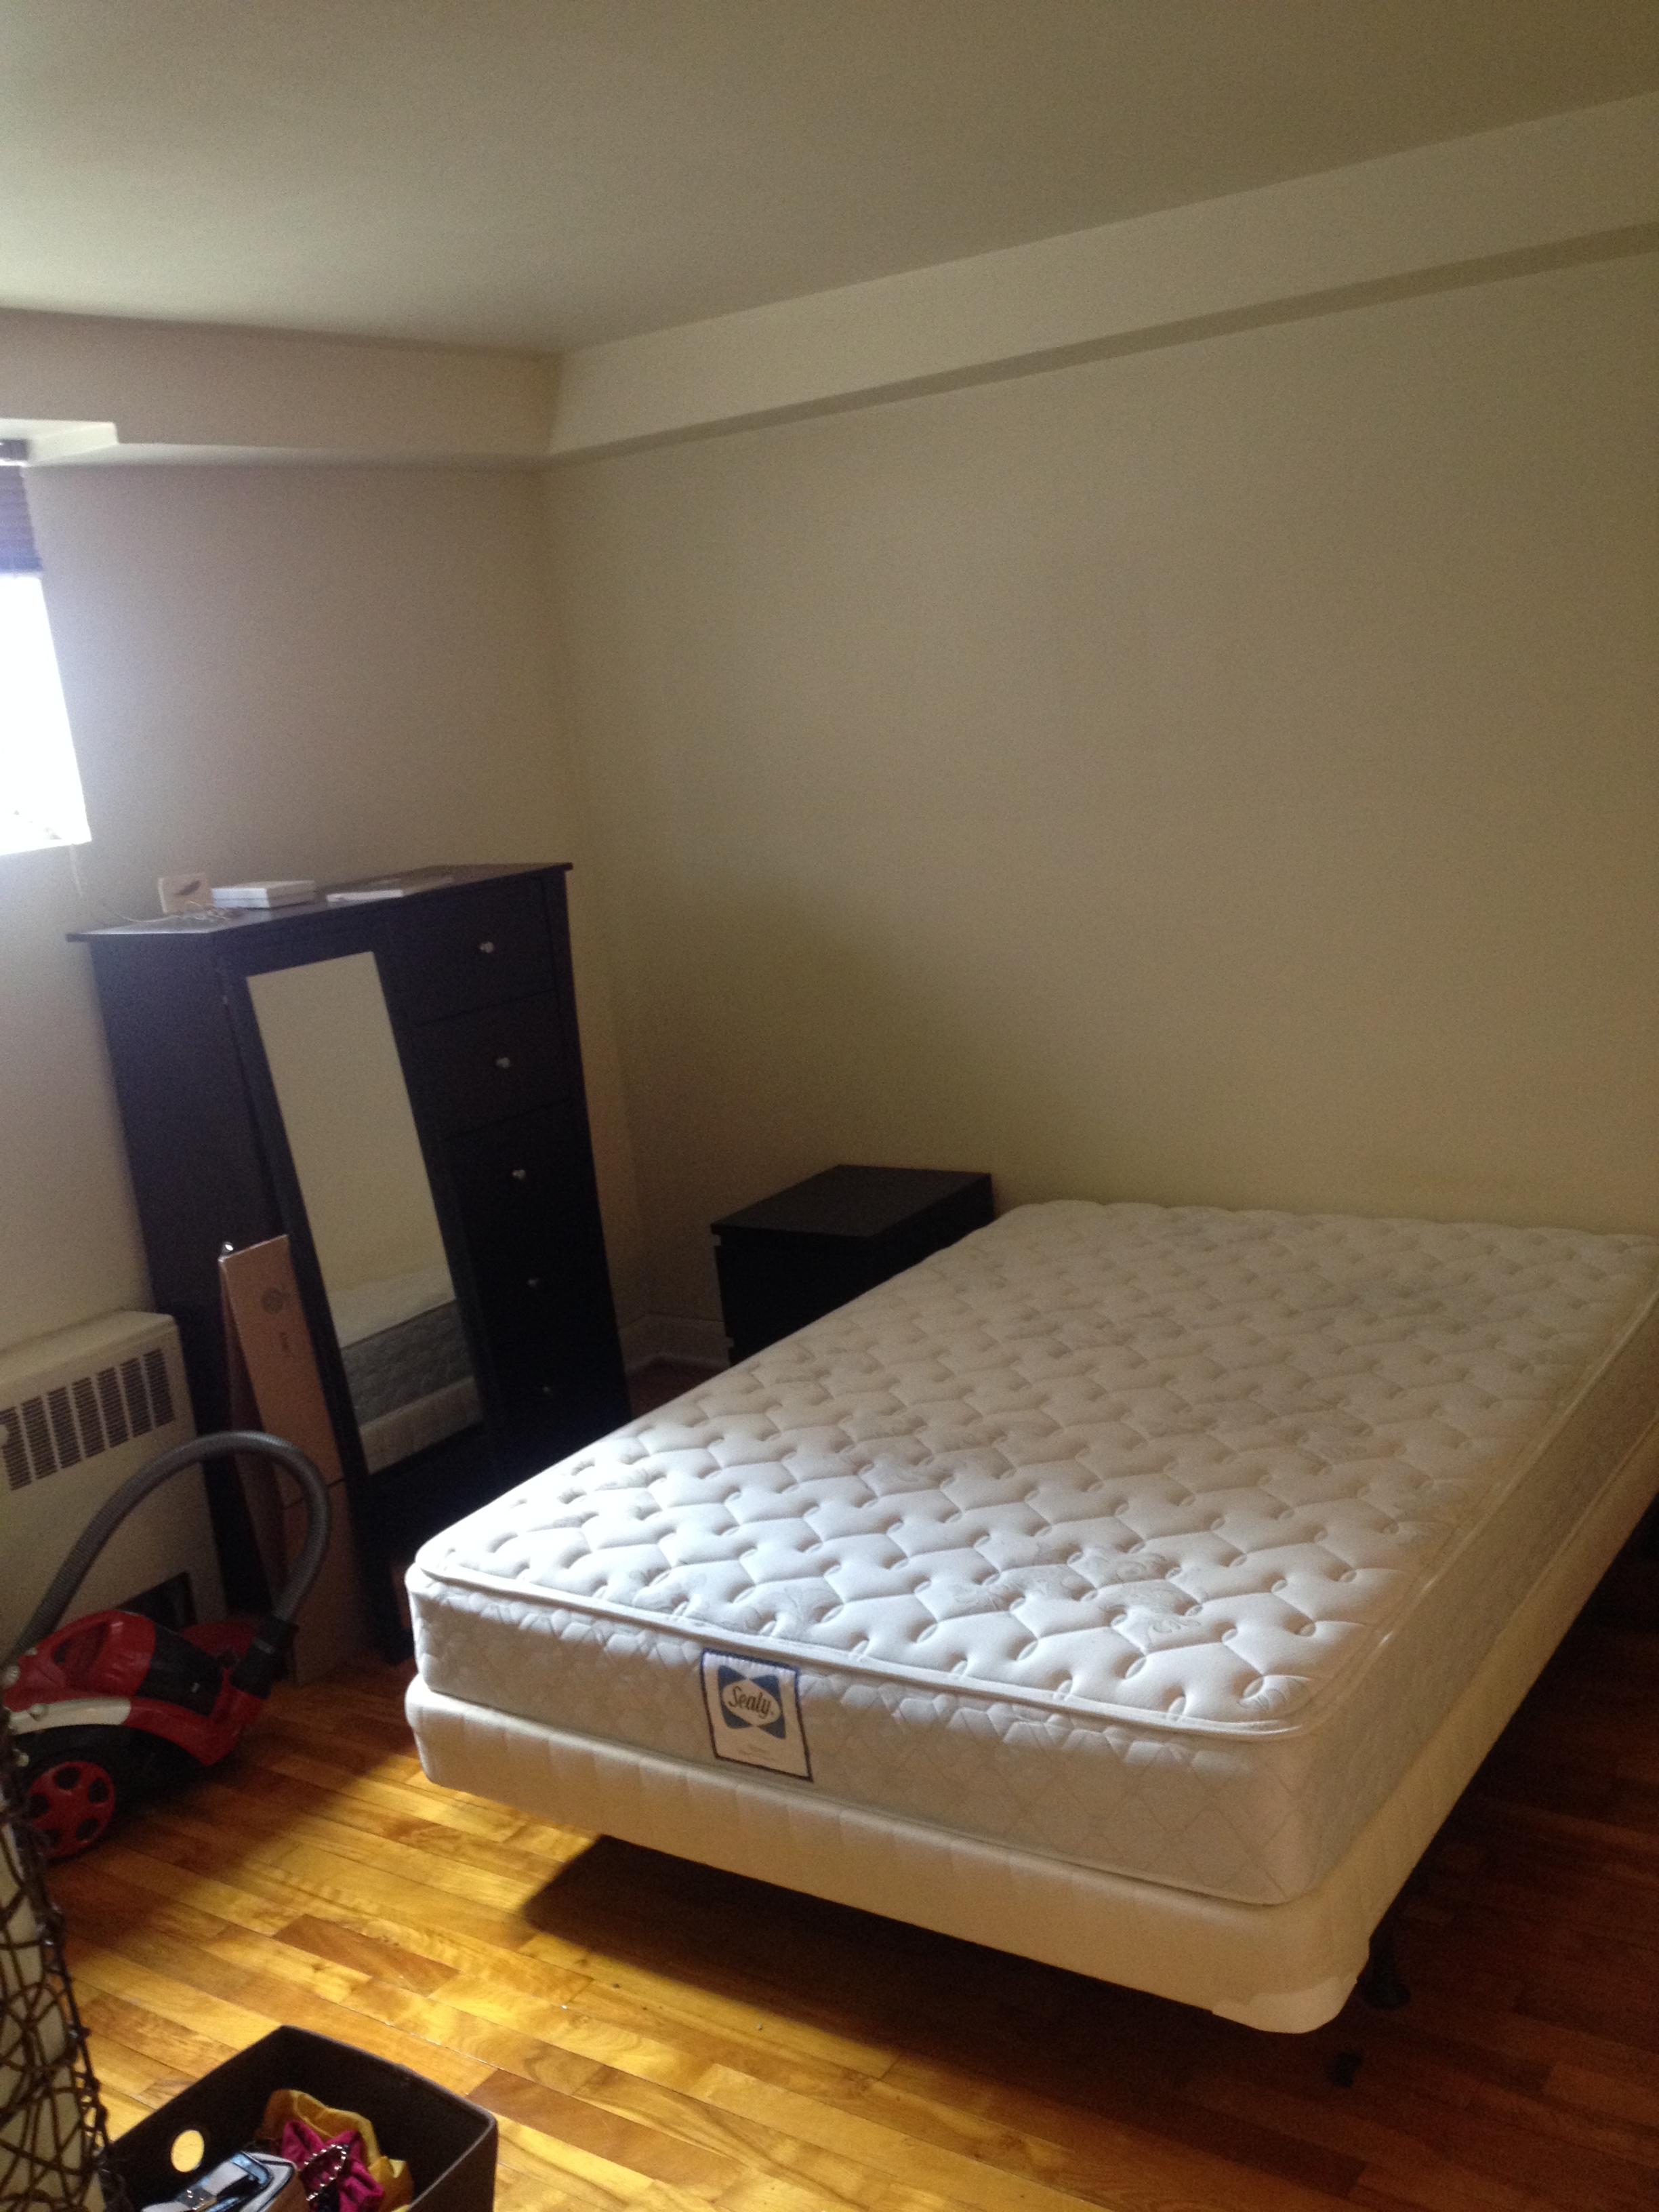 Studio / Bachelor Apartments for rent in Sainte-Anne-de-Bellevue at Maple Brown - Photo 02 - RentersPages – L112098